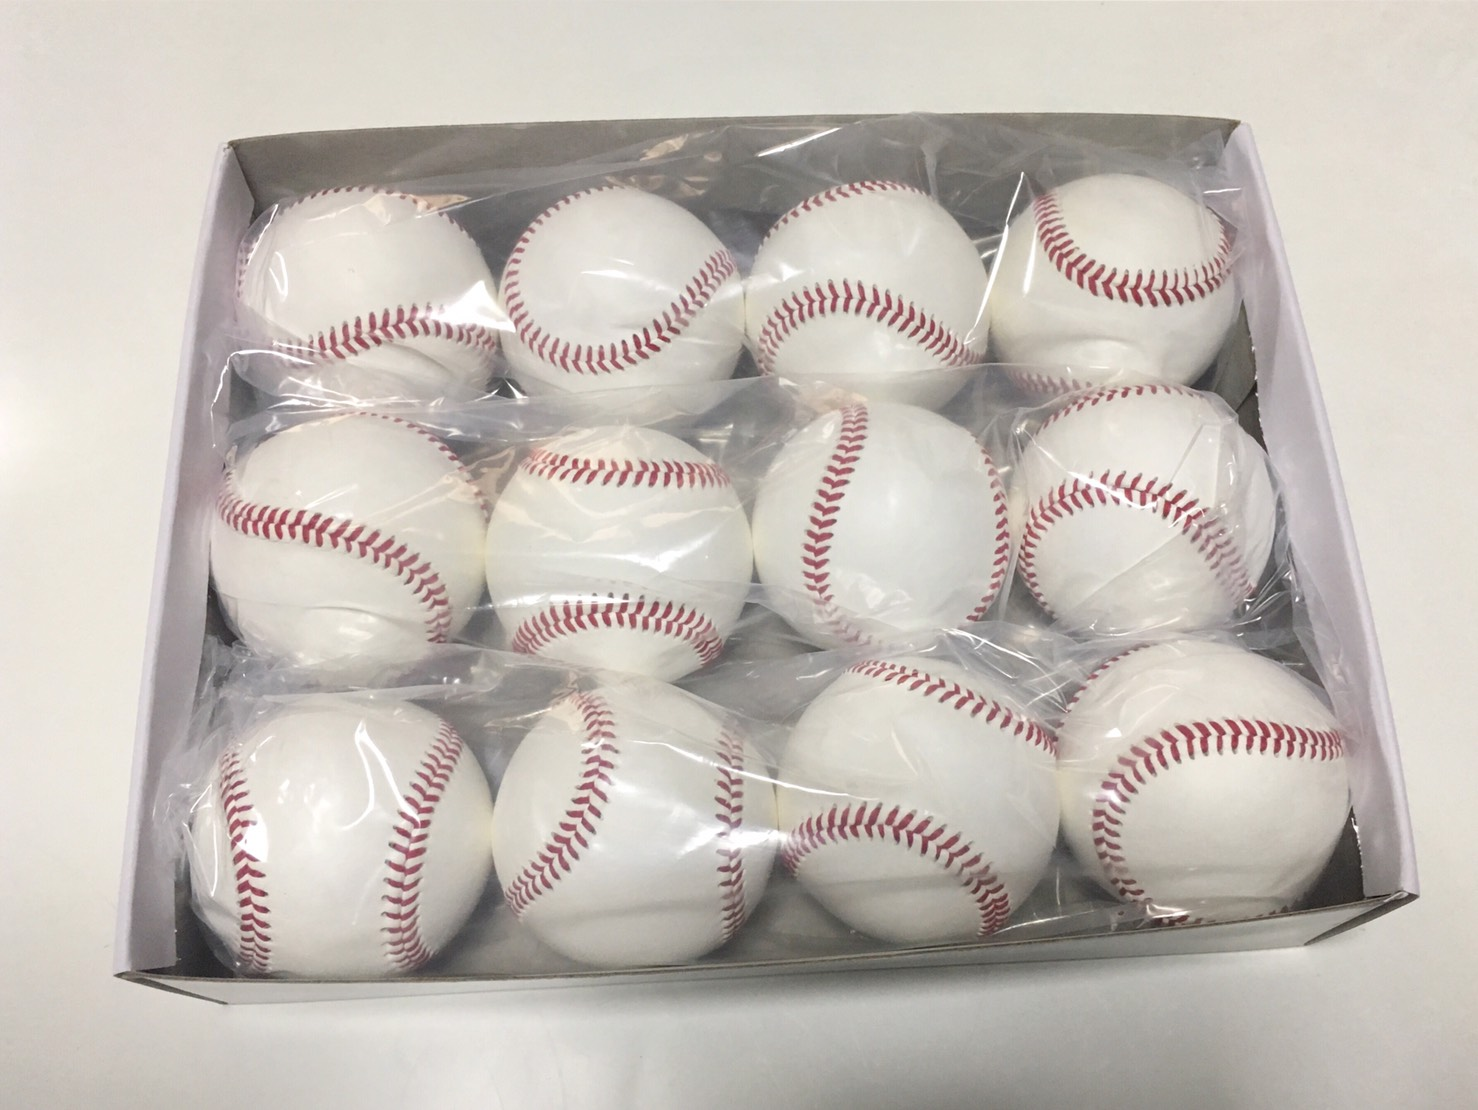 やっと再入荷!!衝撃!全天候型ボール!硬式 野球ボール 1ダース 2ダース以上で送料無料!硬球/マシンの使用も可能!硬式球/硬式ボール/硬式野球ボール/硬式練習球/野球用品